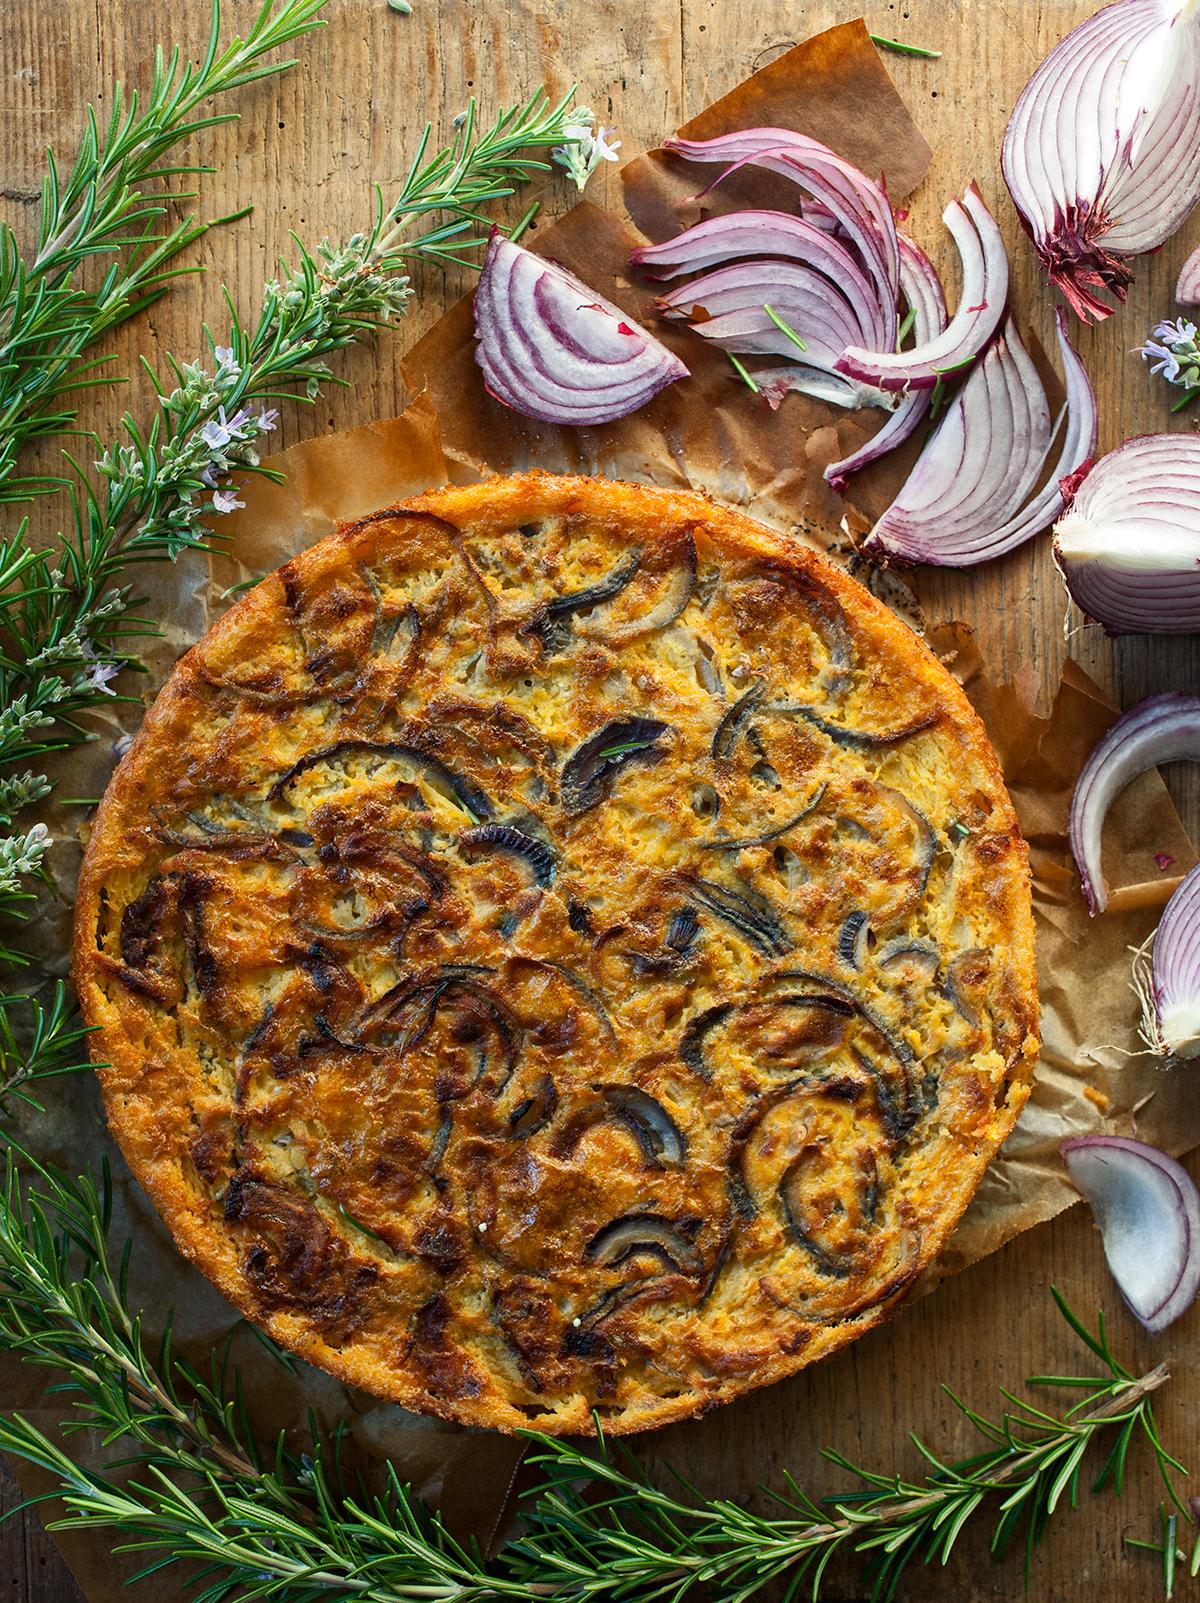 Ricetta Farinata Viva La Focaccia.Farinata Di Ceci Con Cipolle E Rosmarino Radici Il Blog Di Cucina Di Chiara Canzian